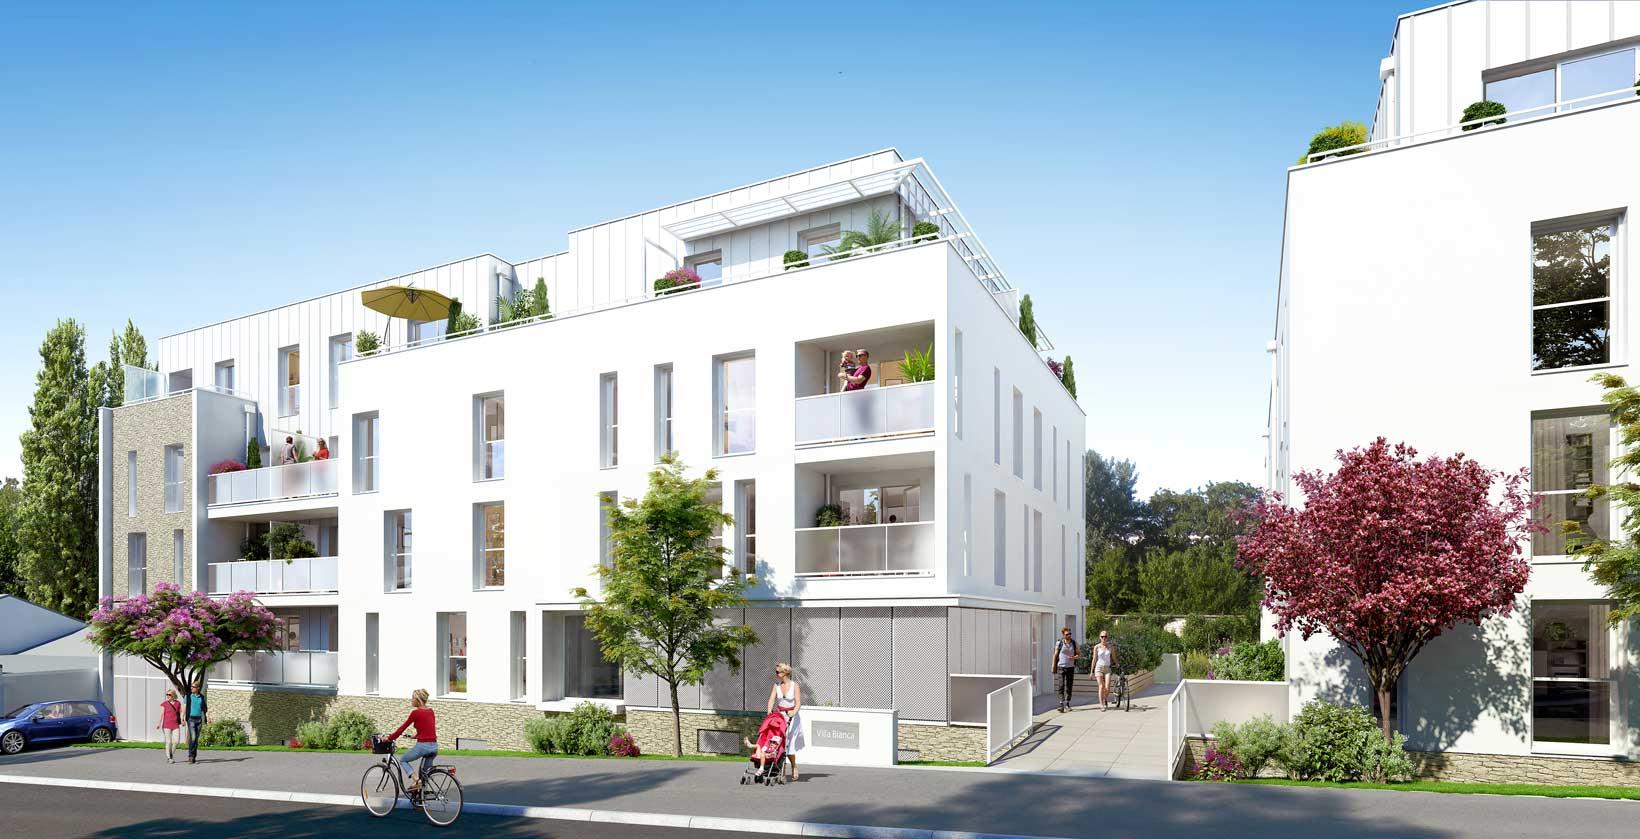 Programme immobilier neuf Montpellier : Acheter du neuf au meilleur prix, nos conseils et recommandations